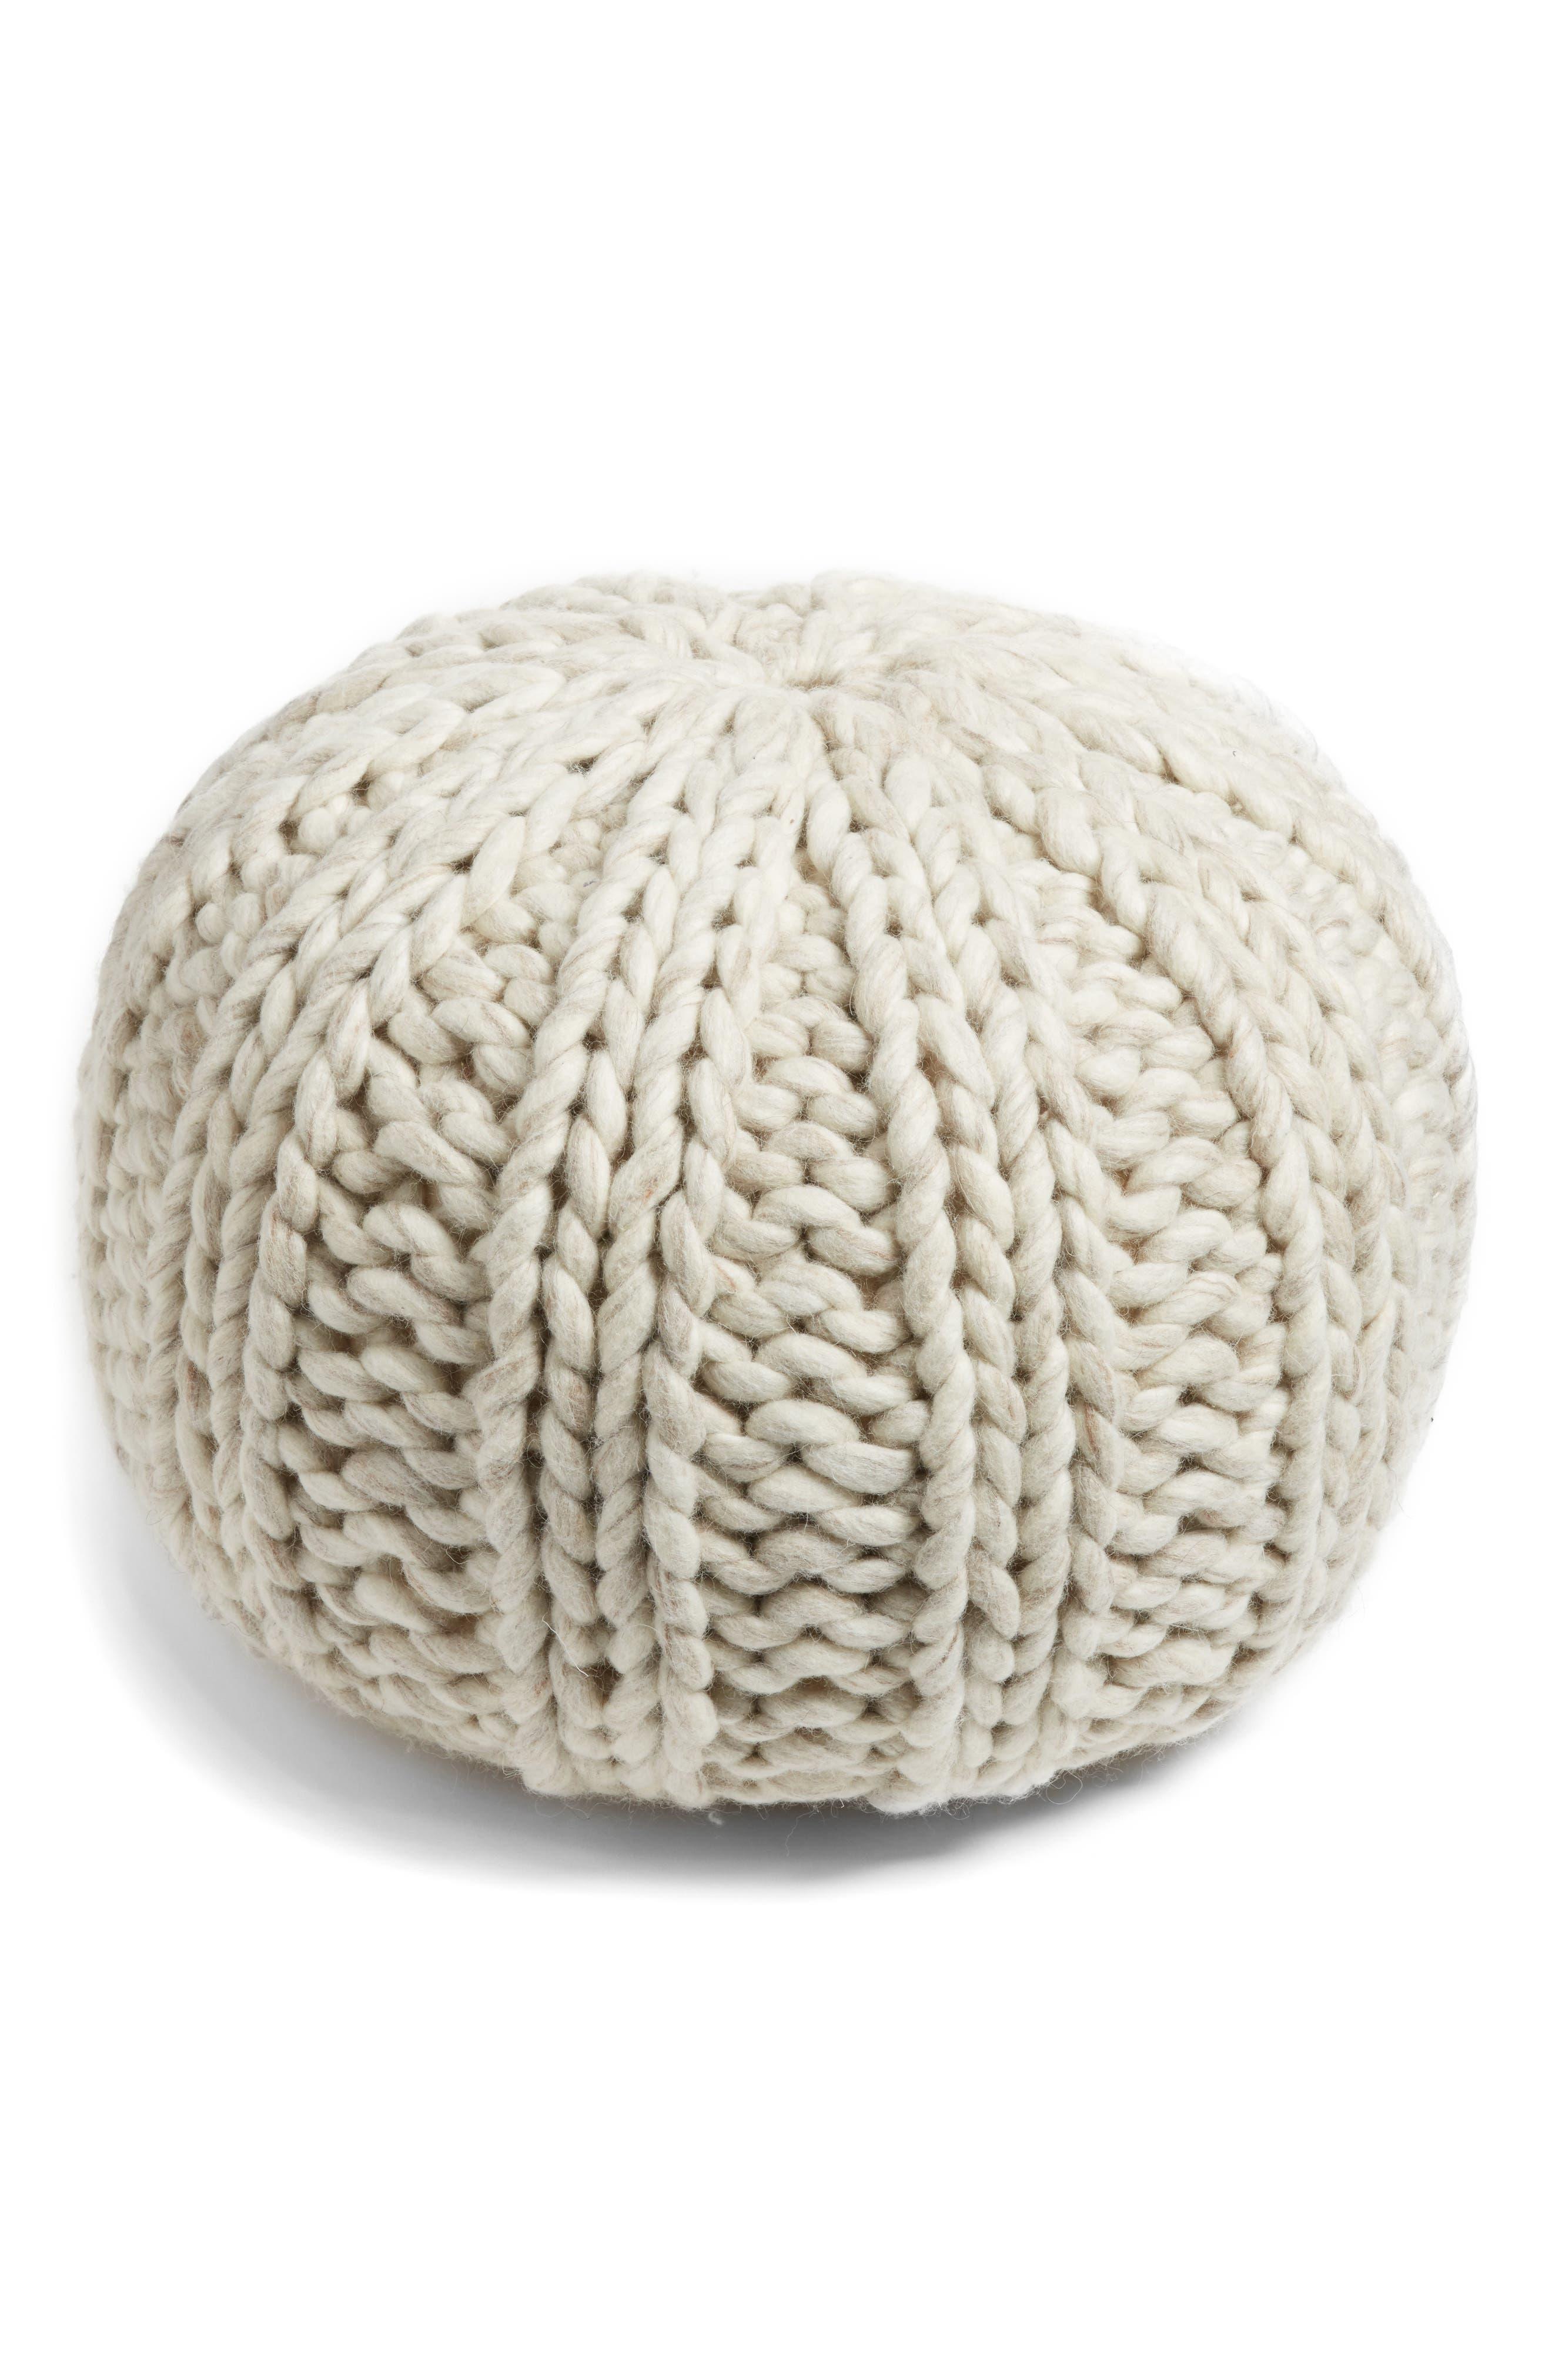 Chunky Knit Pouf,                         Main,                         color, Ivory